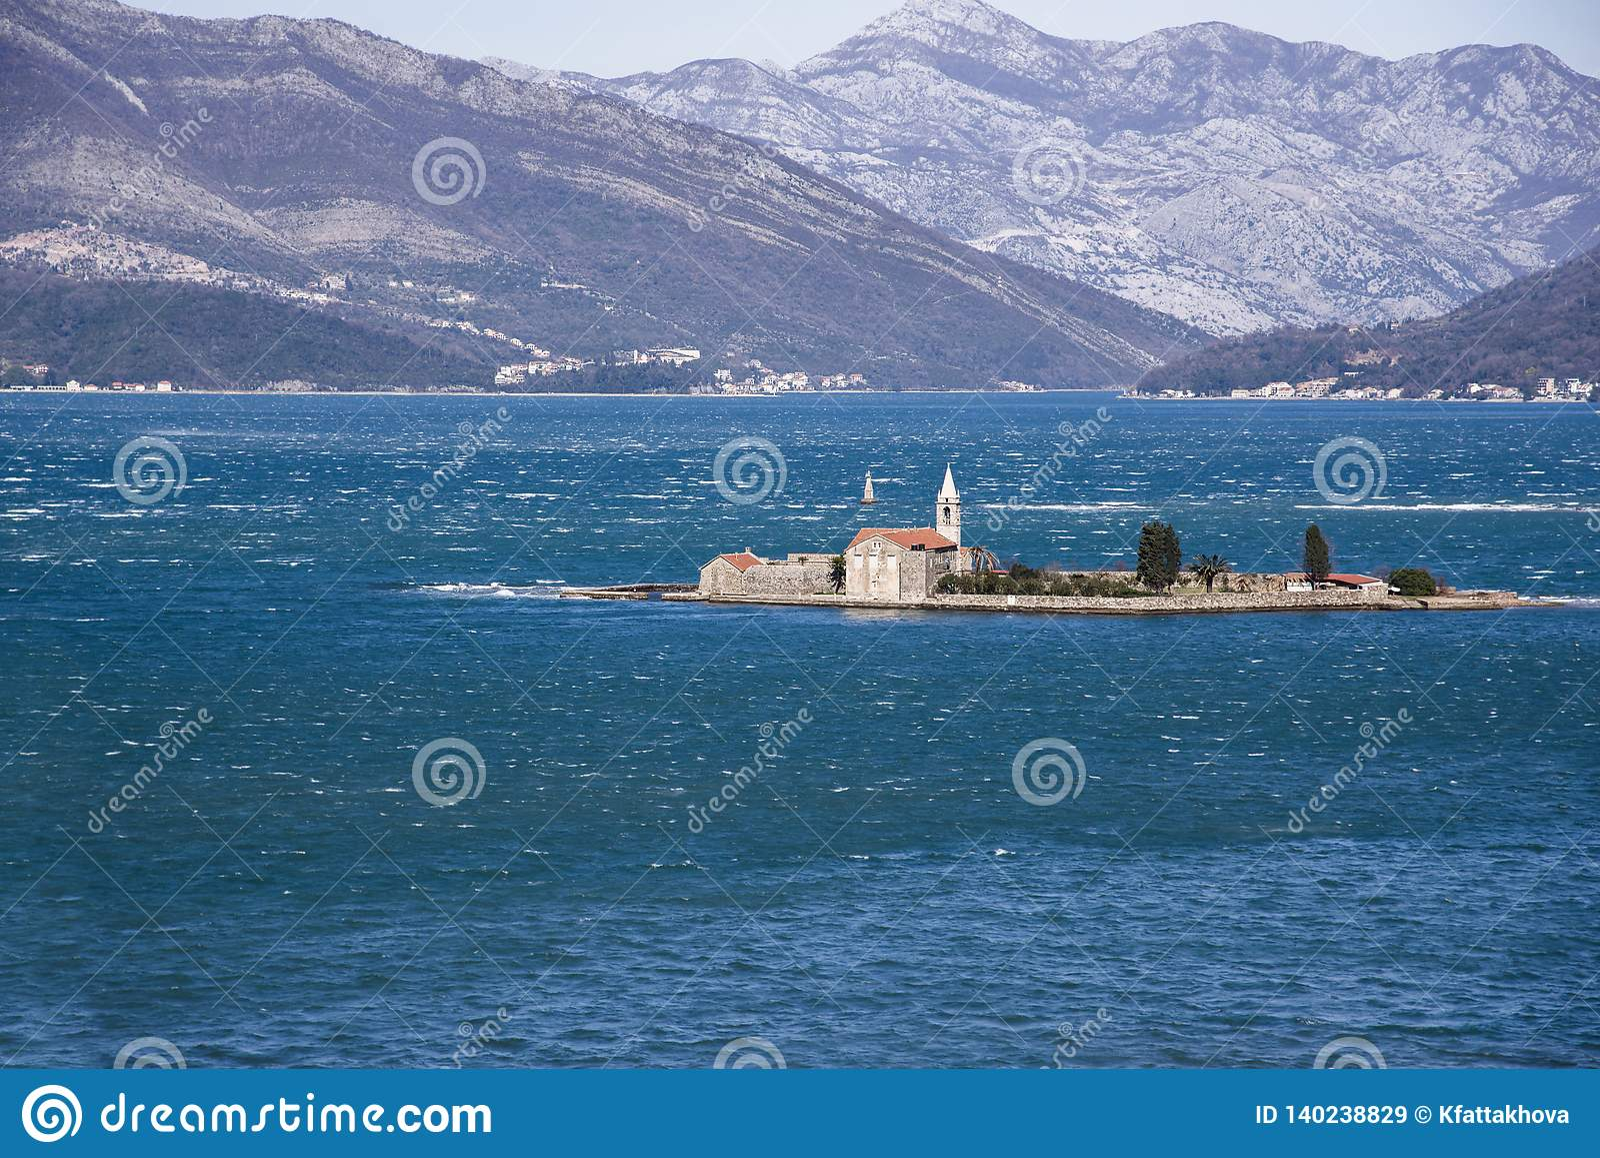 Vista de la isla Gospa od Milo Bay de Otok de Tivat, Montenegro, en un día de invierno ventoso 2019-02-23 11:49